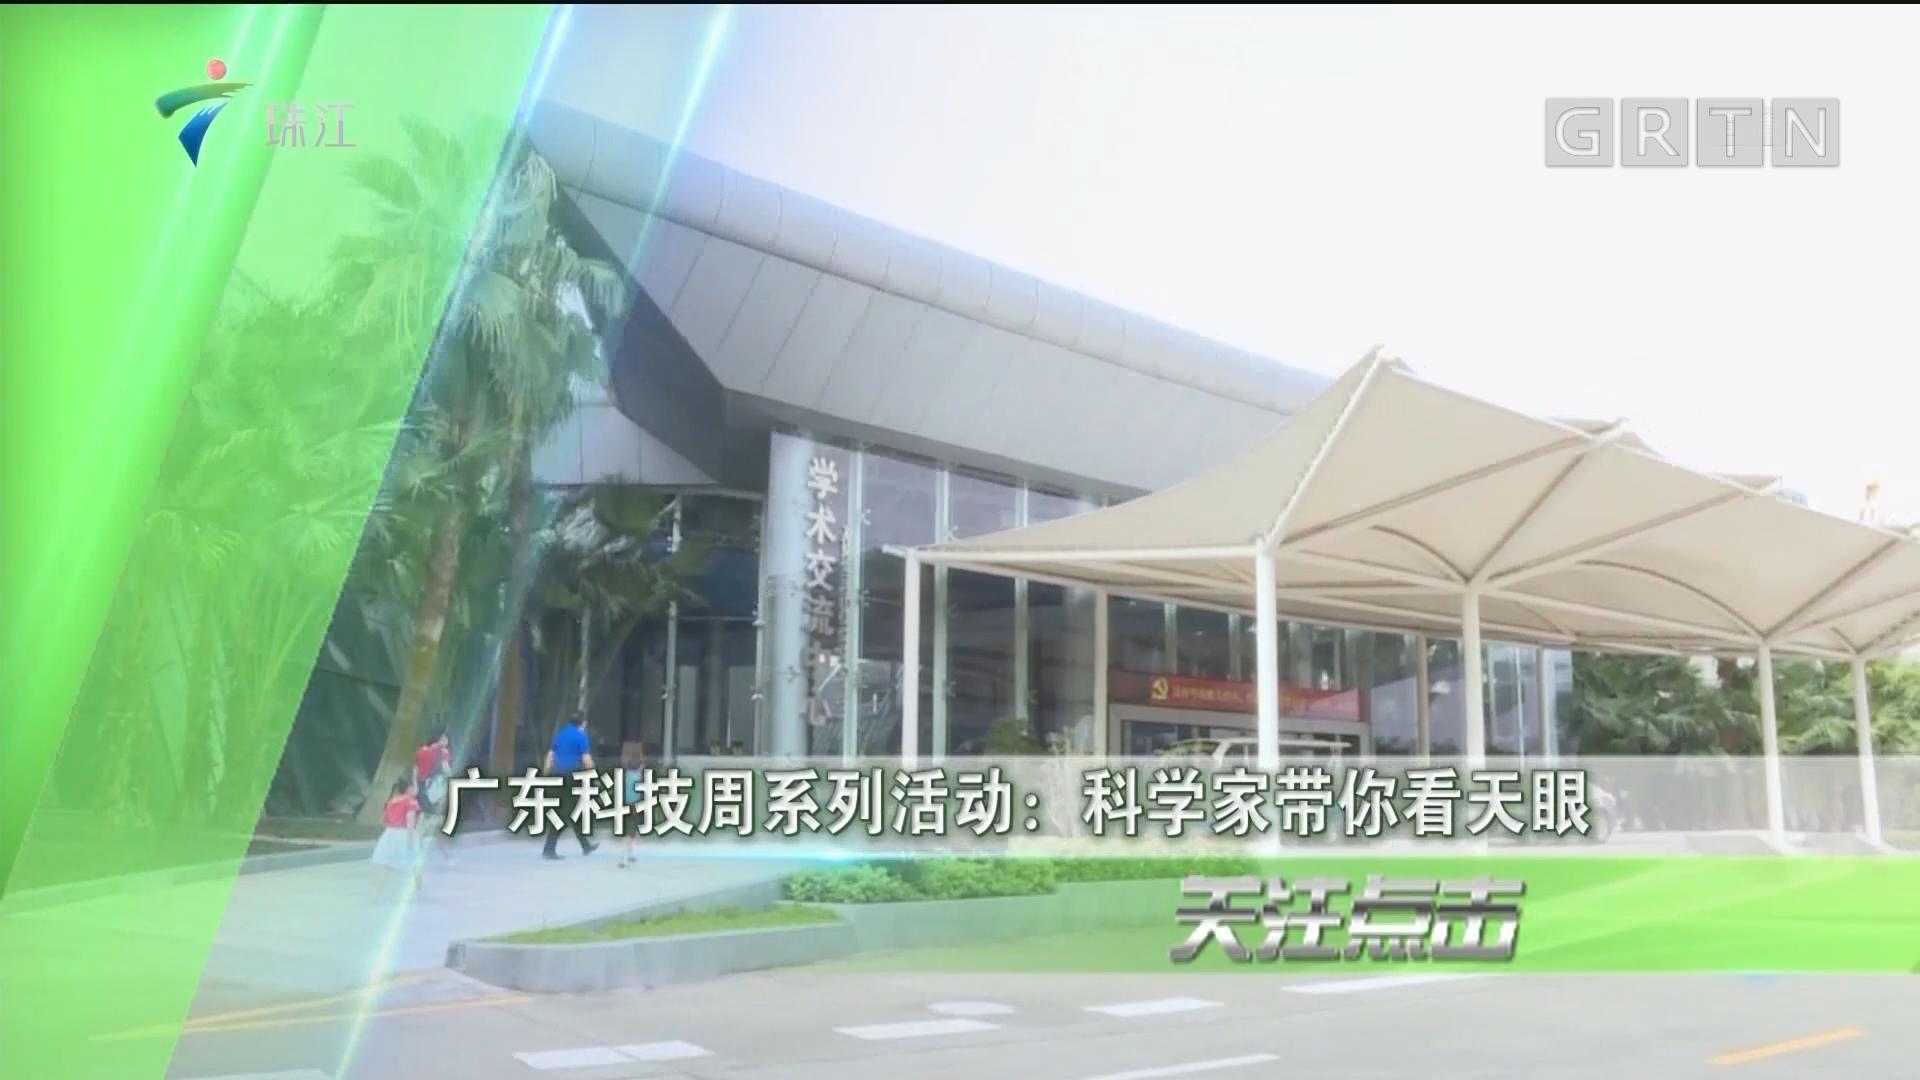 广东科技周系列活动:科学家带你看天眼